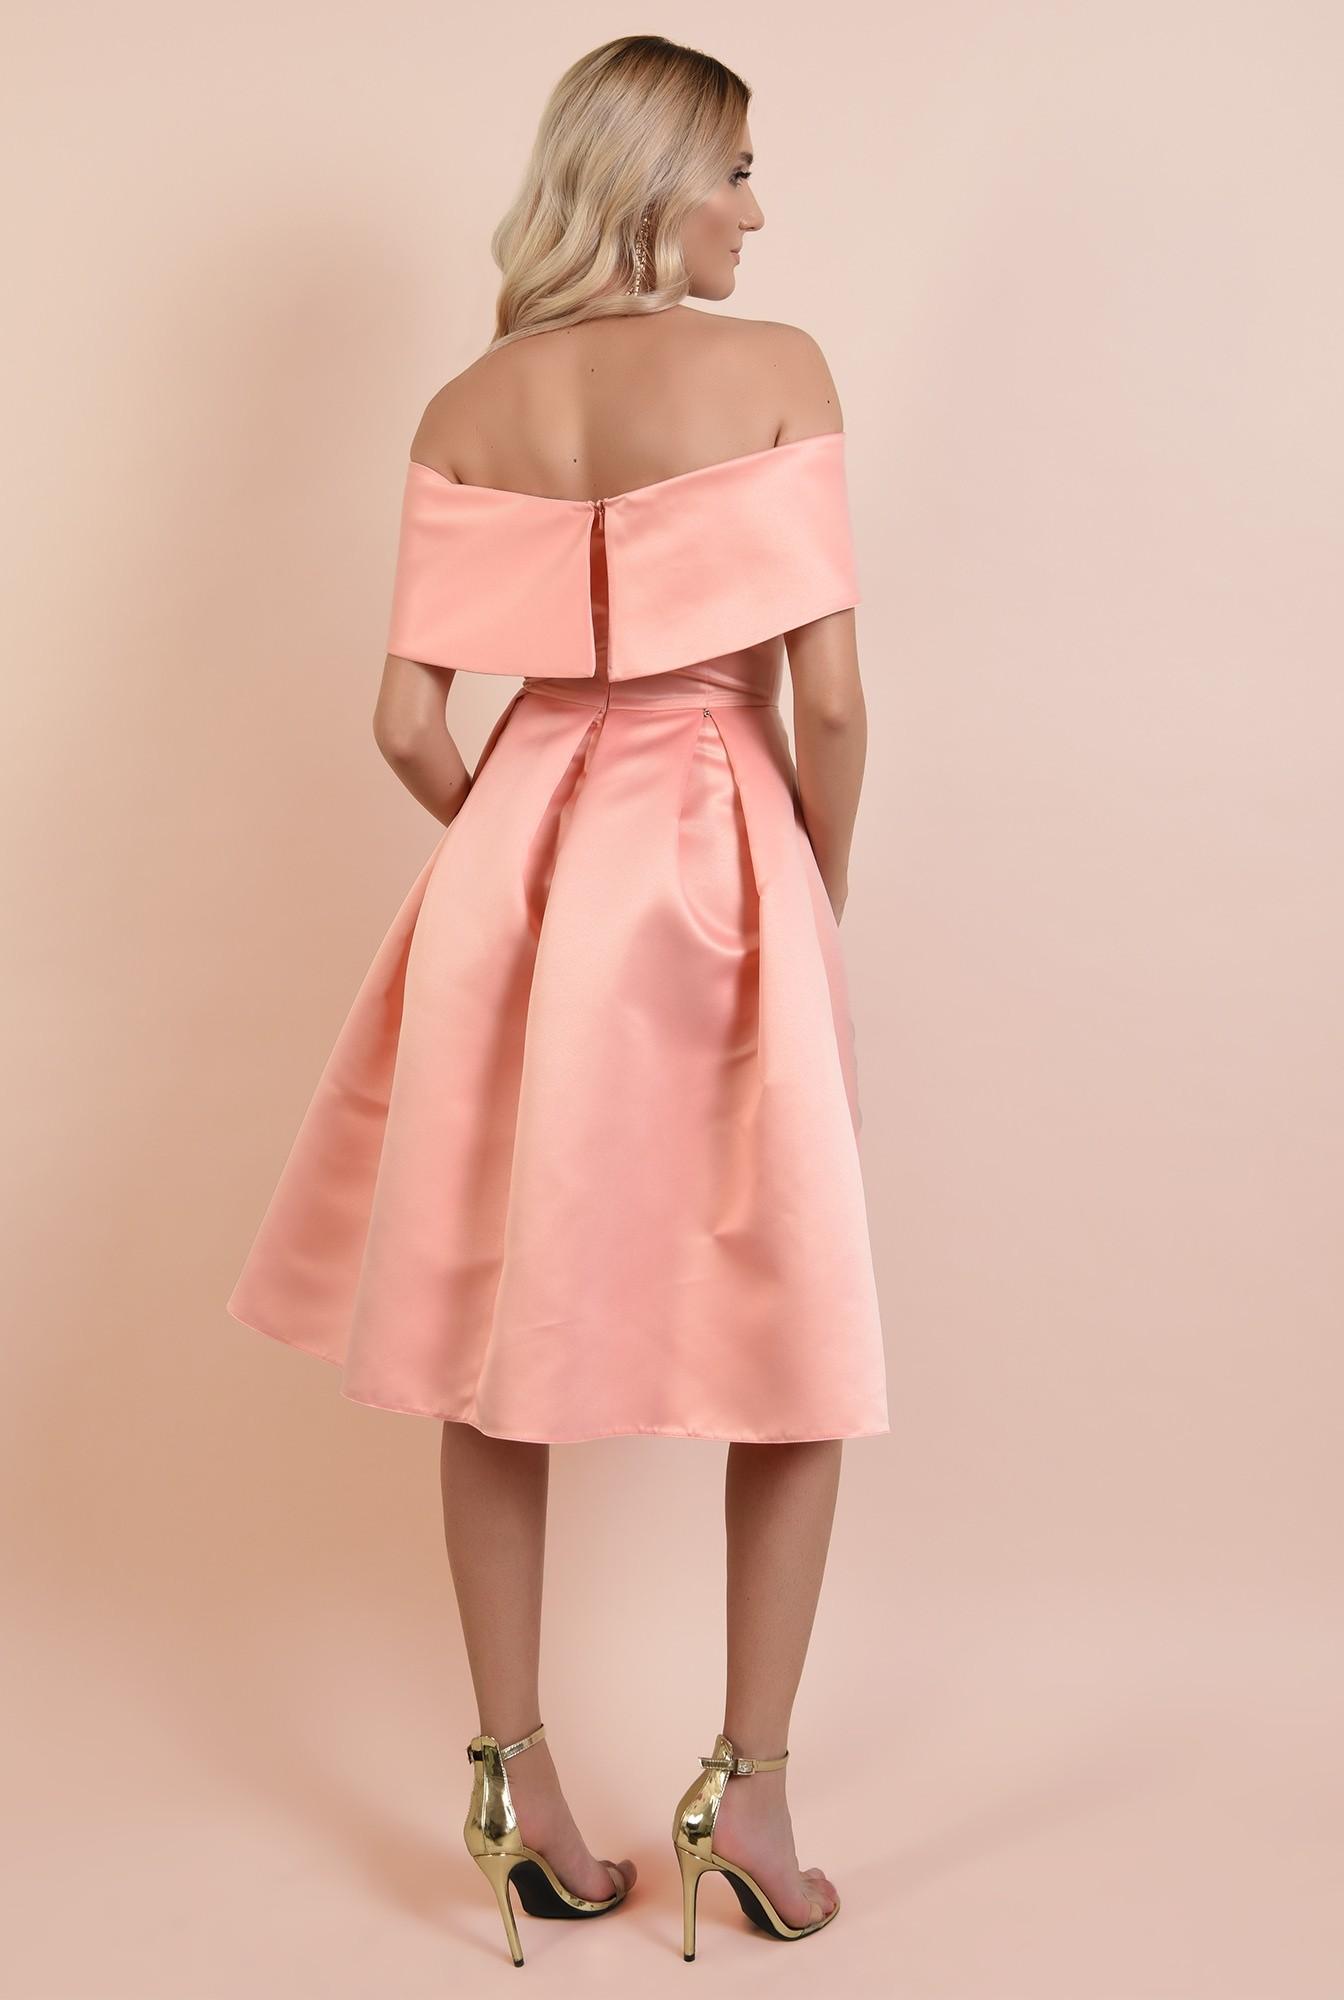 1 - 360 - rochie de ocazie, roz somon, midi, cu pliuri panou, Poema, umeri goi